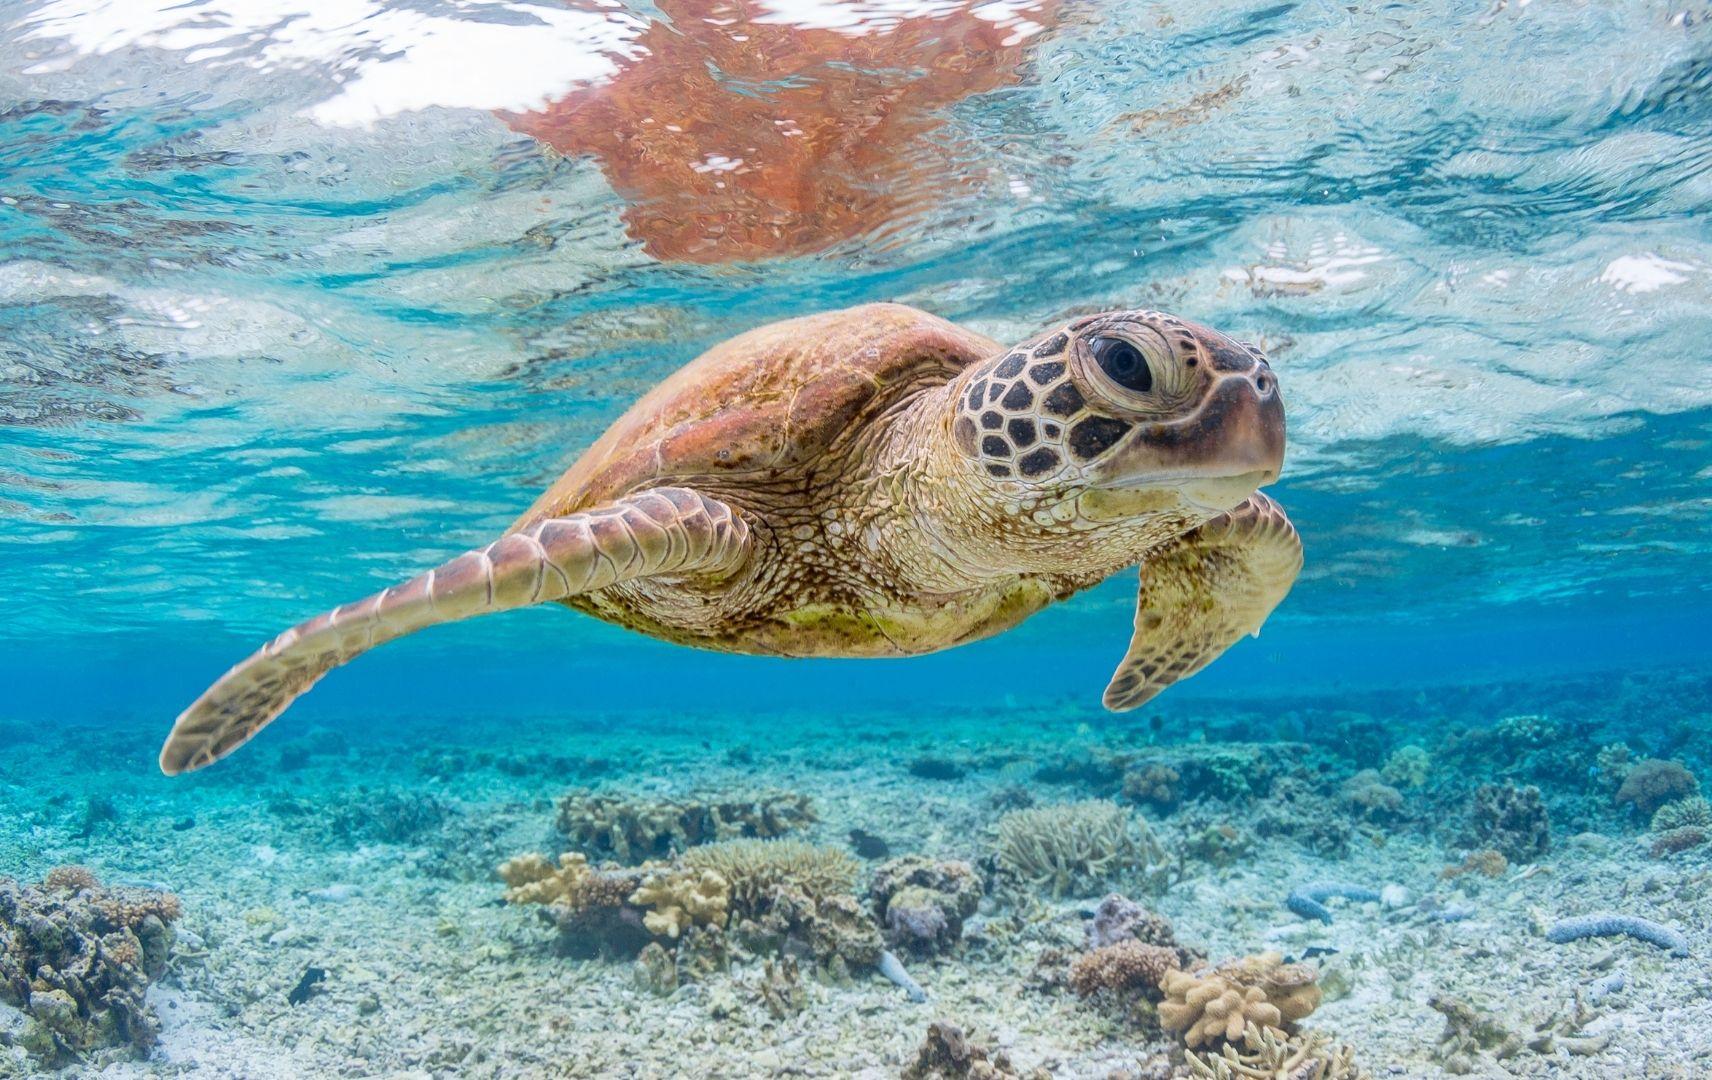 Fernreise Australien - Great Barrier Rief Schildkröte